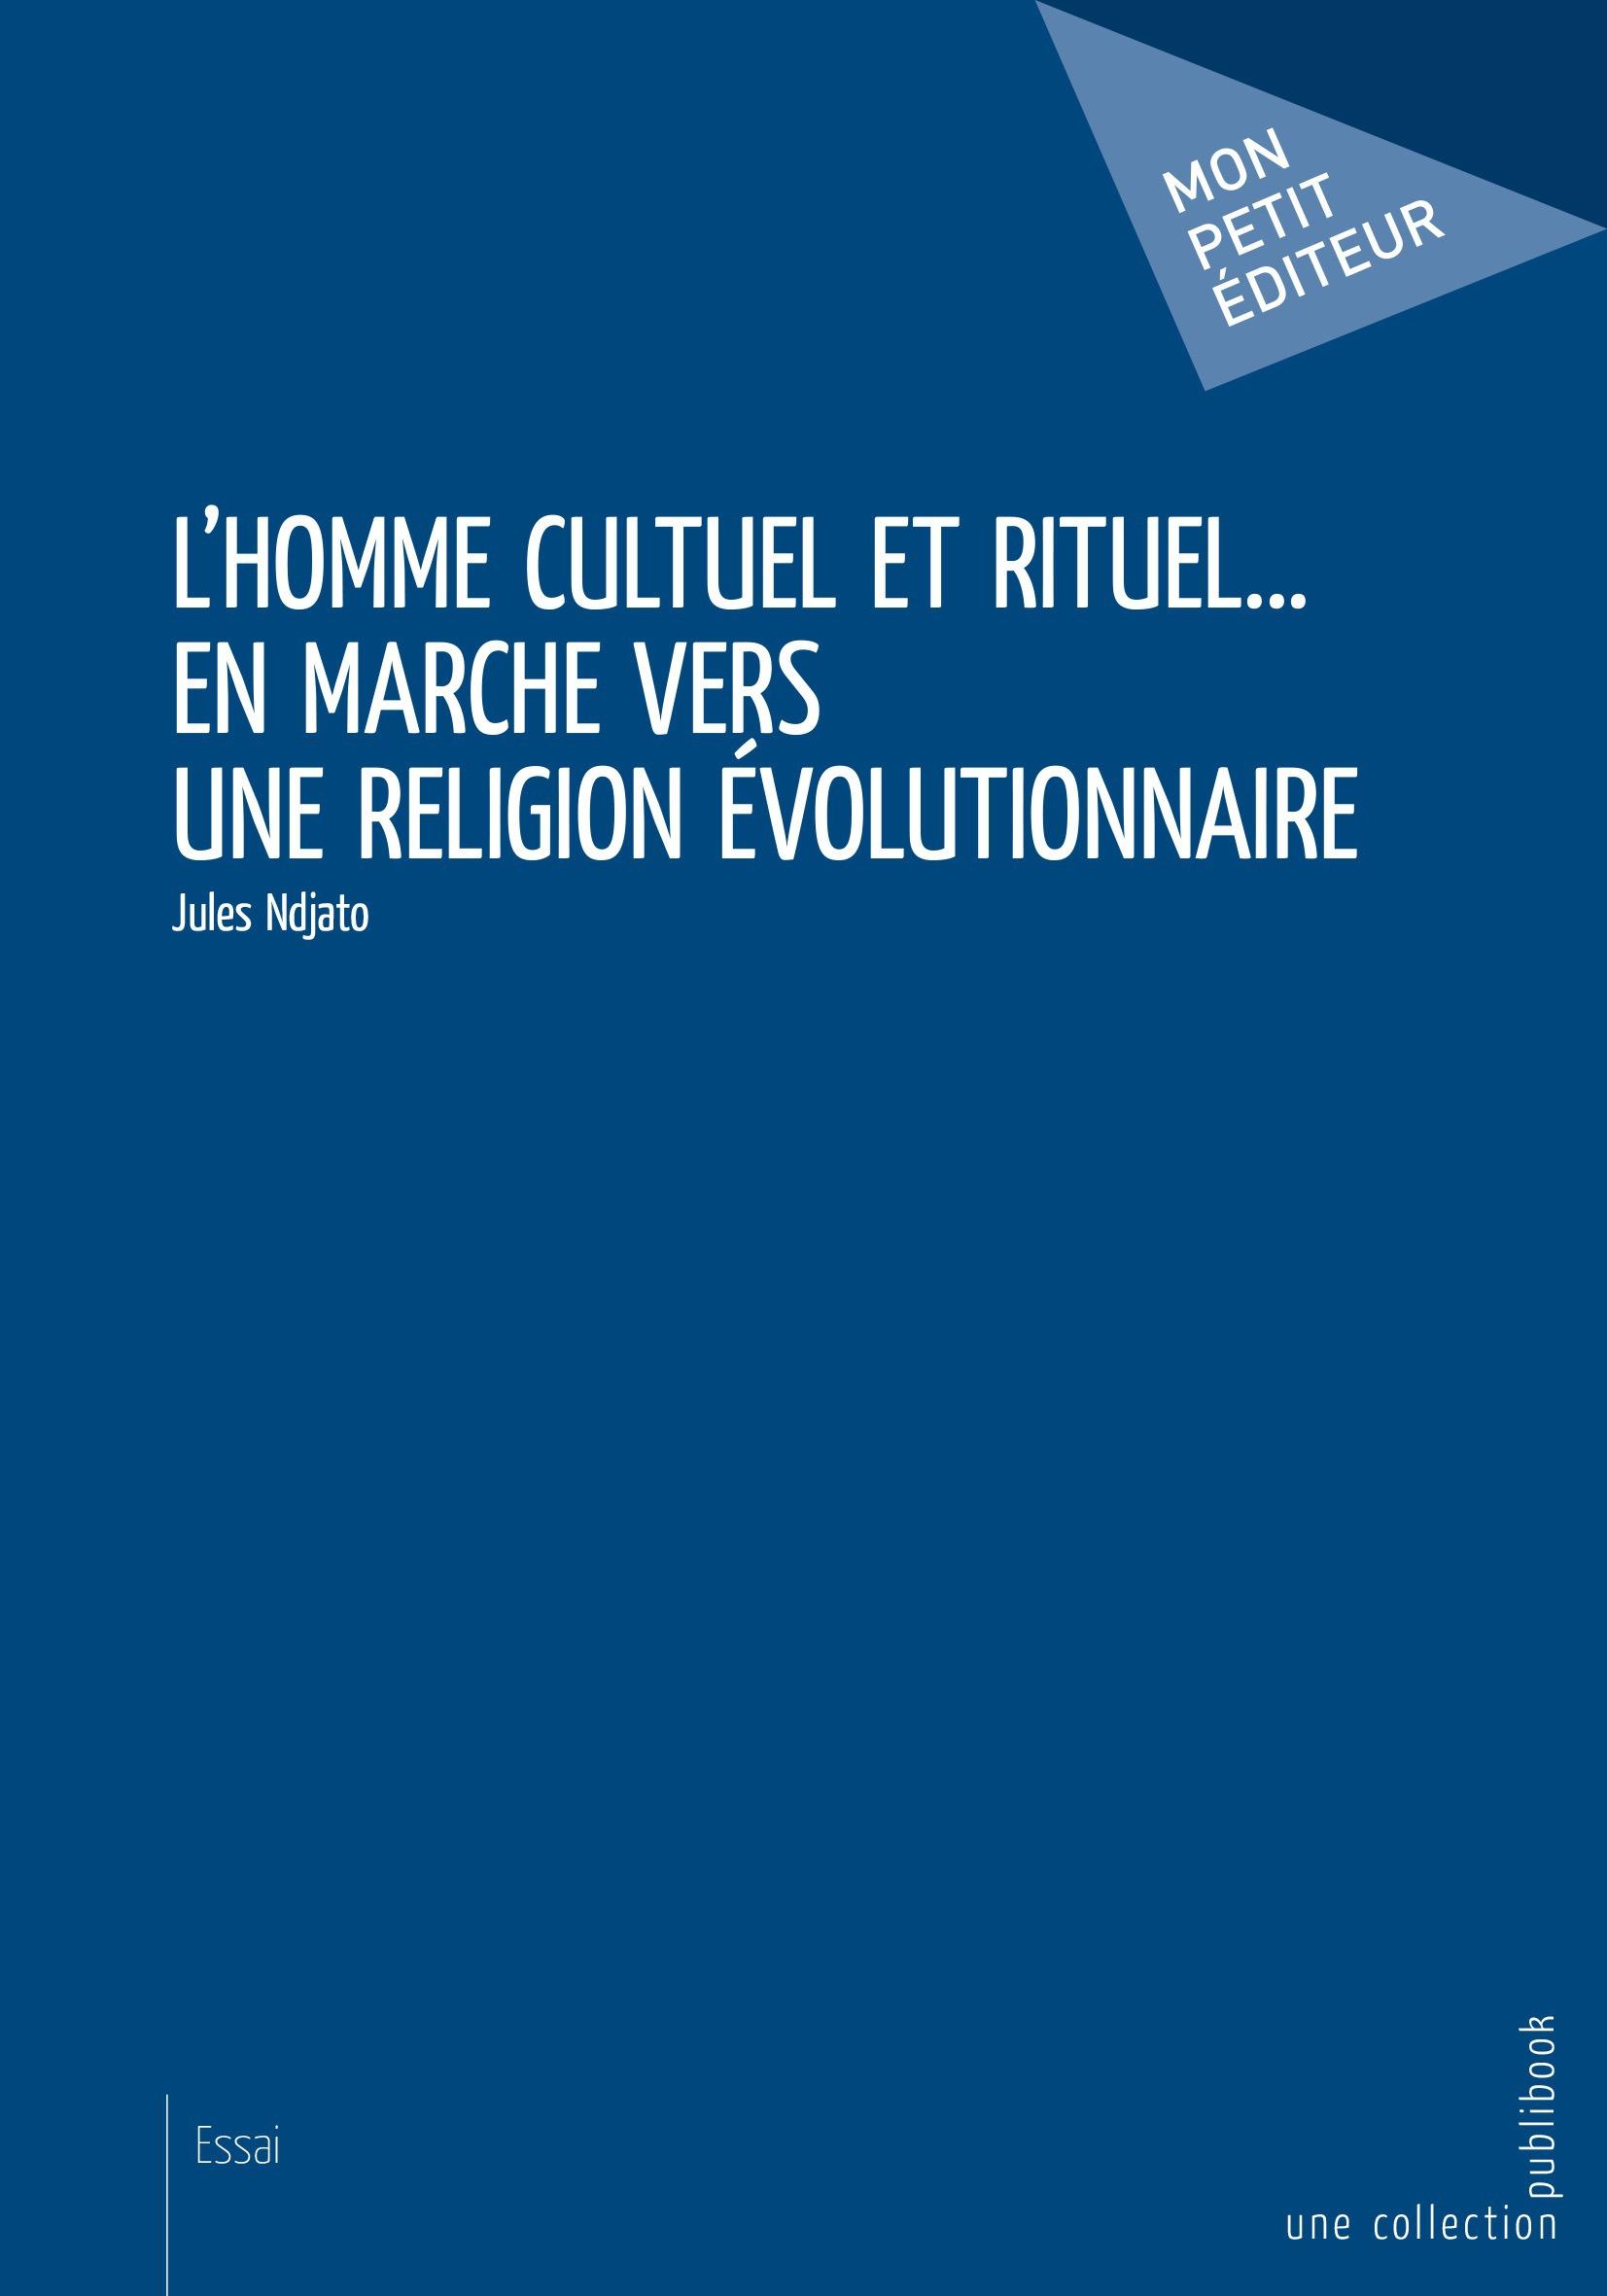 Jules Ndjato L'homme cultuel et rituel... en marche vers une religion évolutionnaire